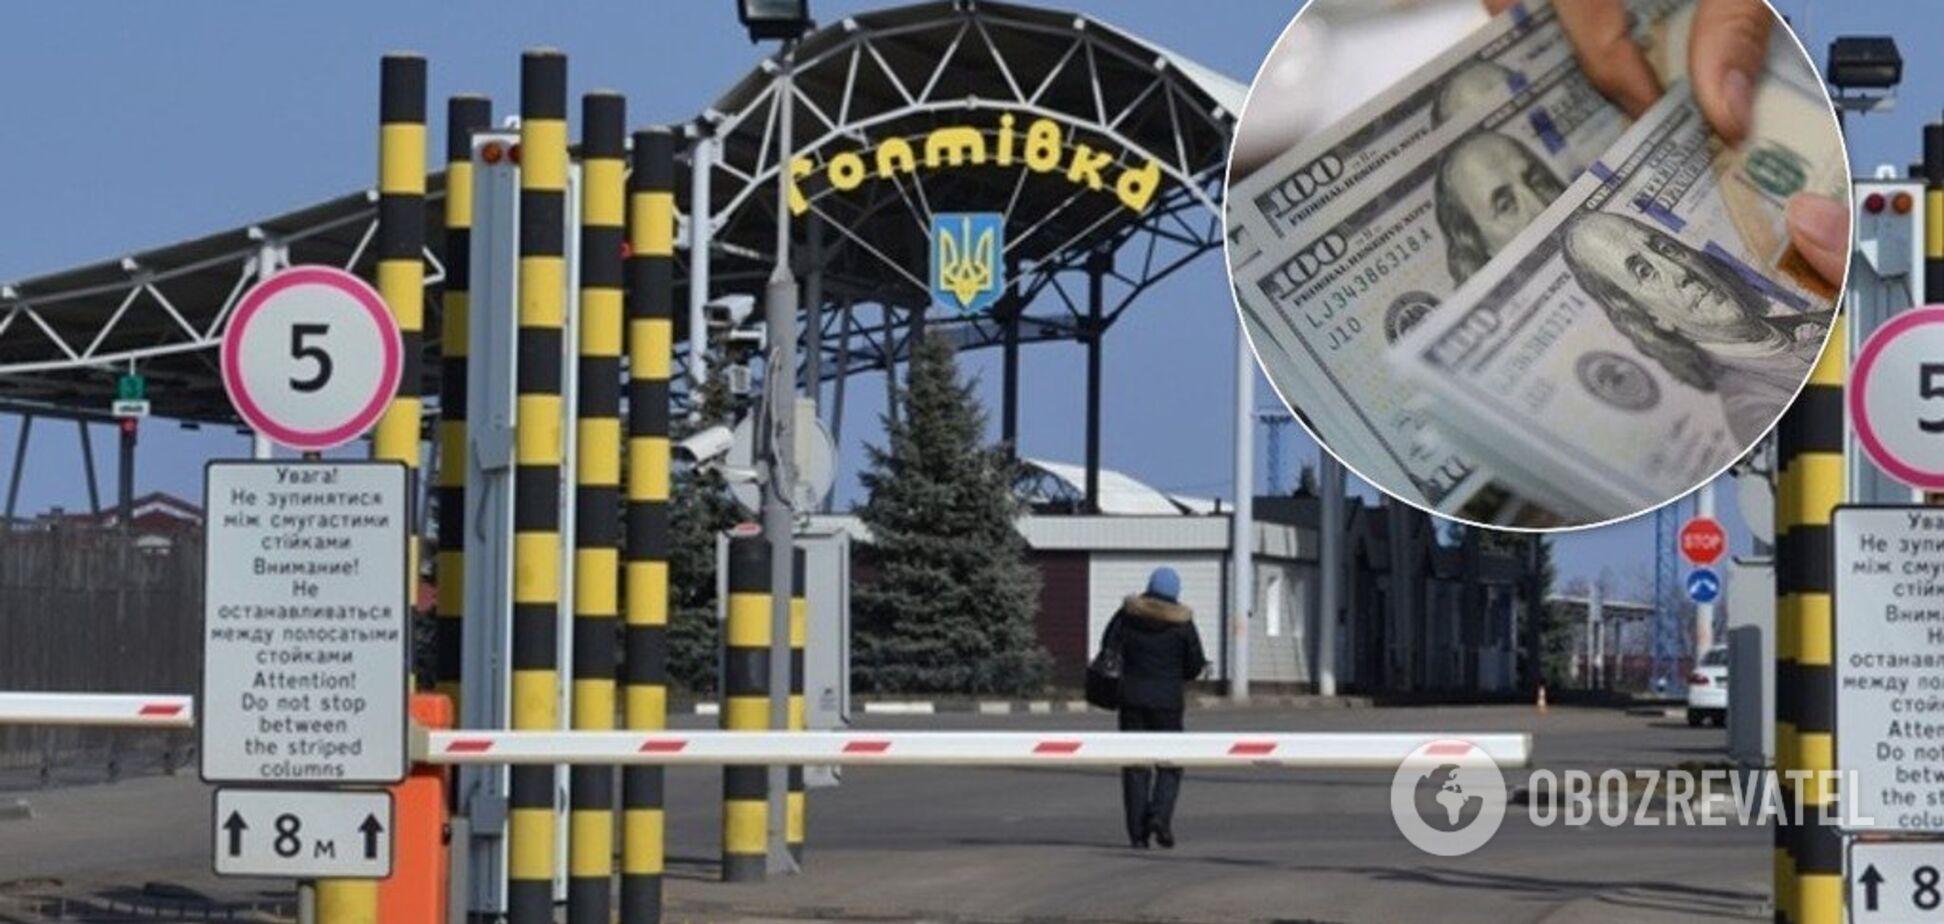 Вуха Трофімова: на посаду начальника харківської митниці тягнуть людину одіозного Калєтніка